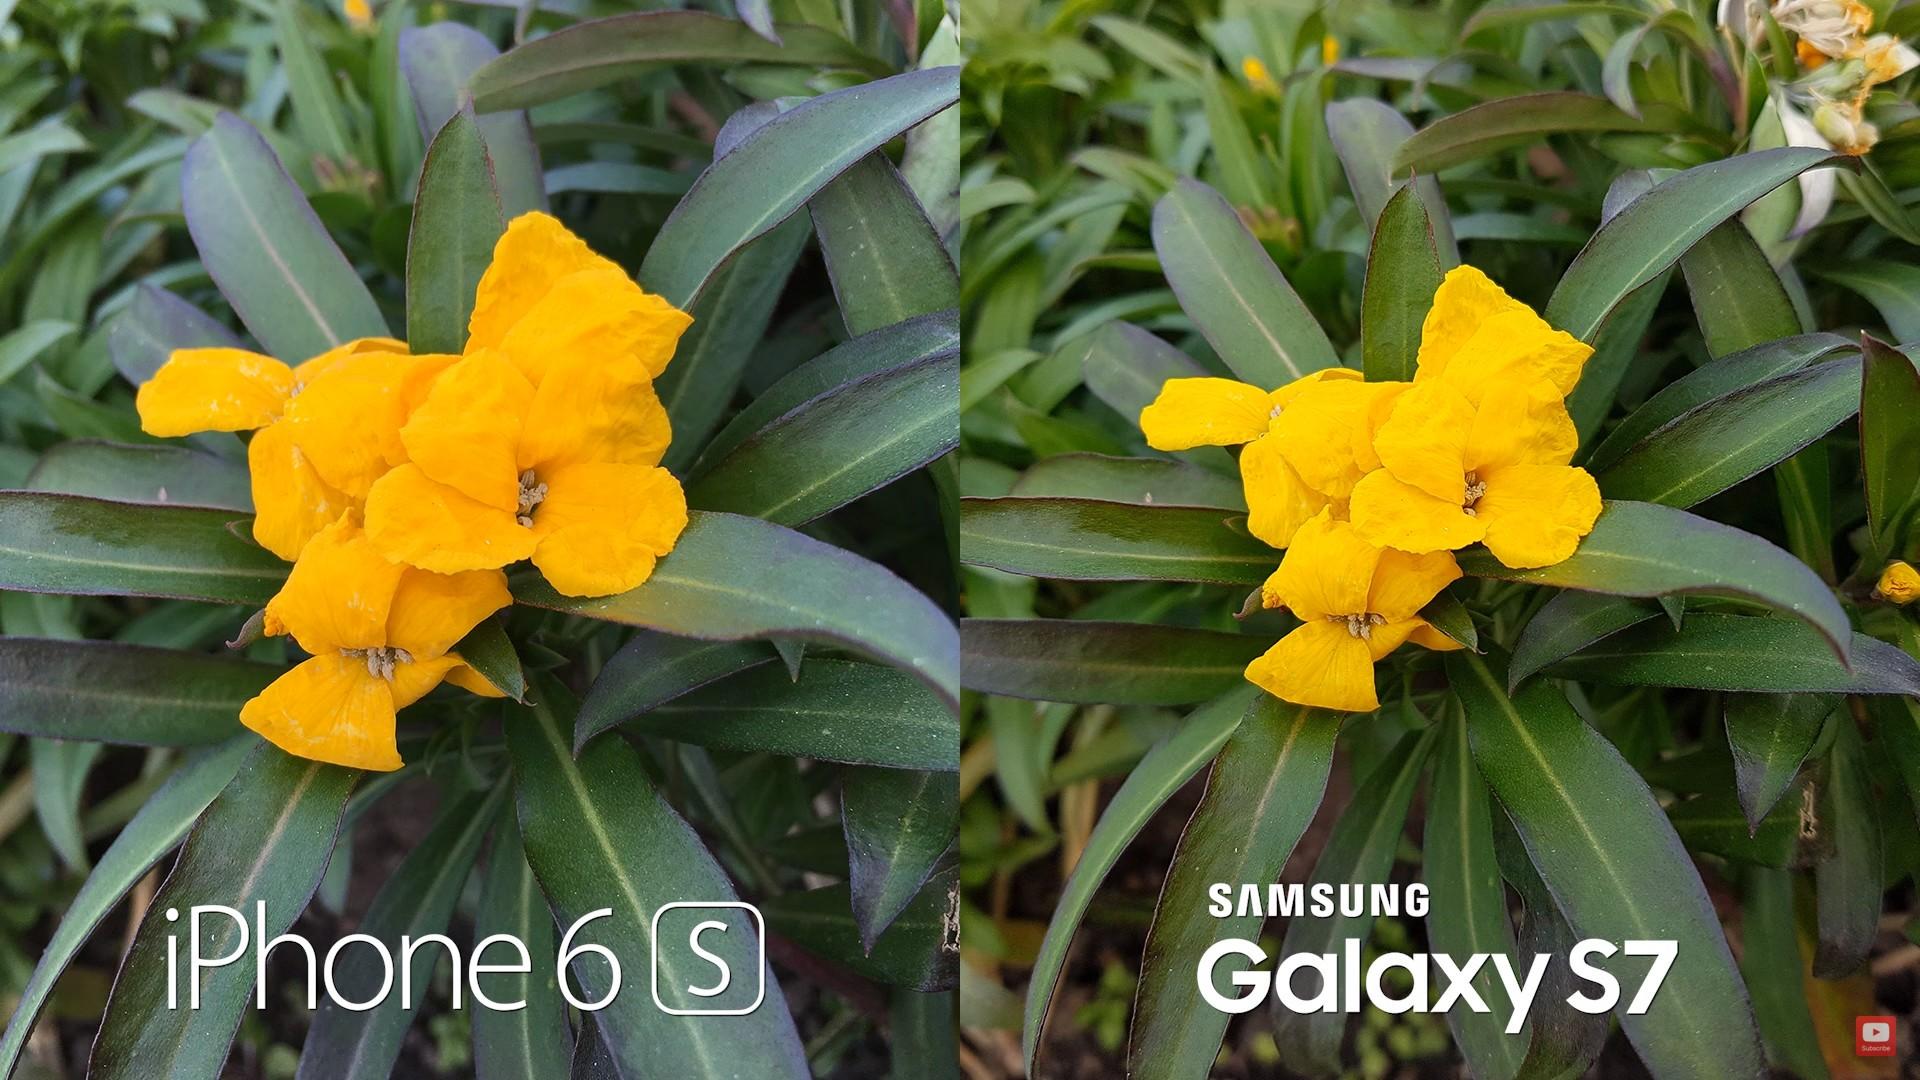 samsung-galaxy-s7-qualiy compared